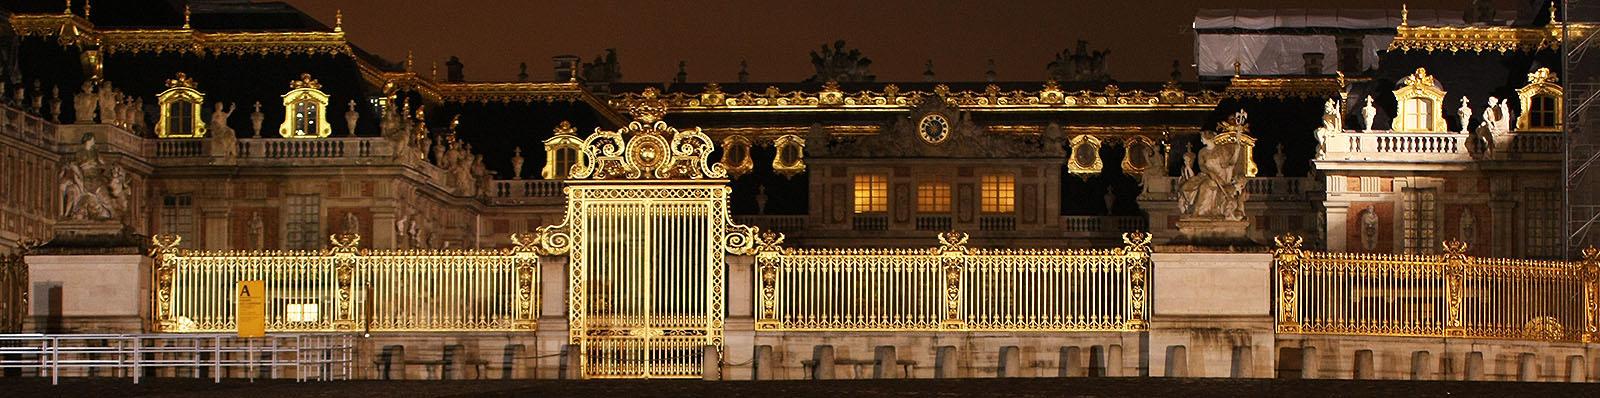 Vivre au Château de Versailles - L'Histoire en photo